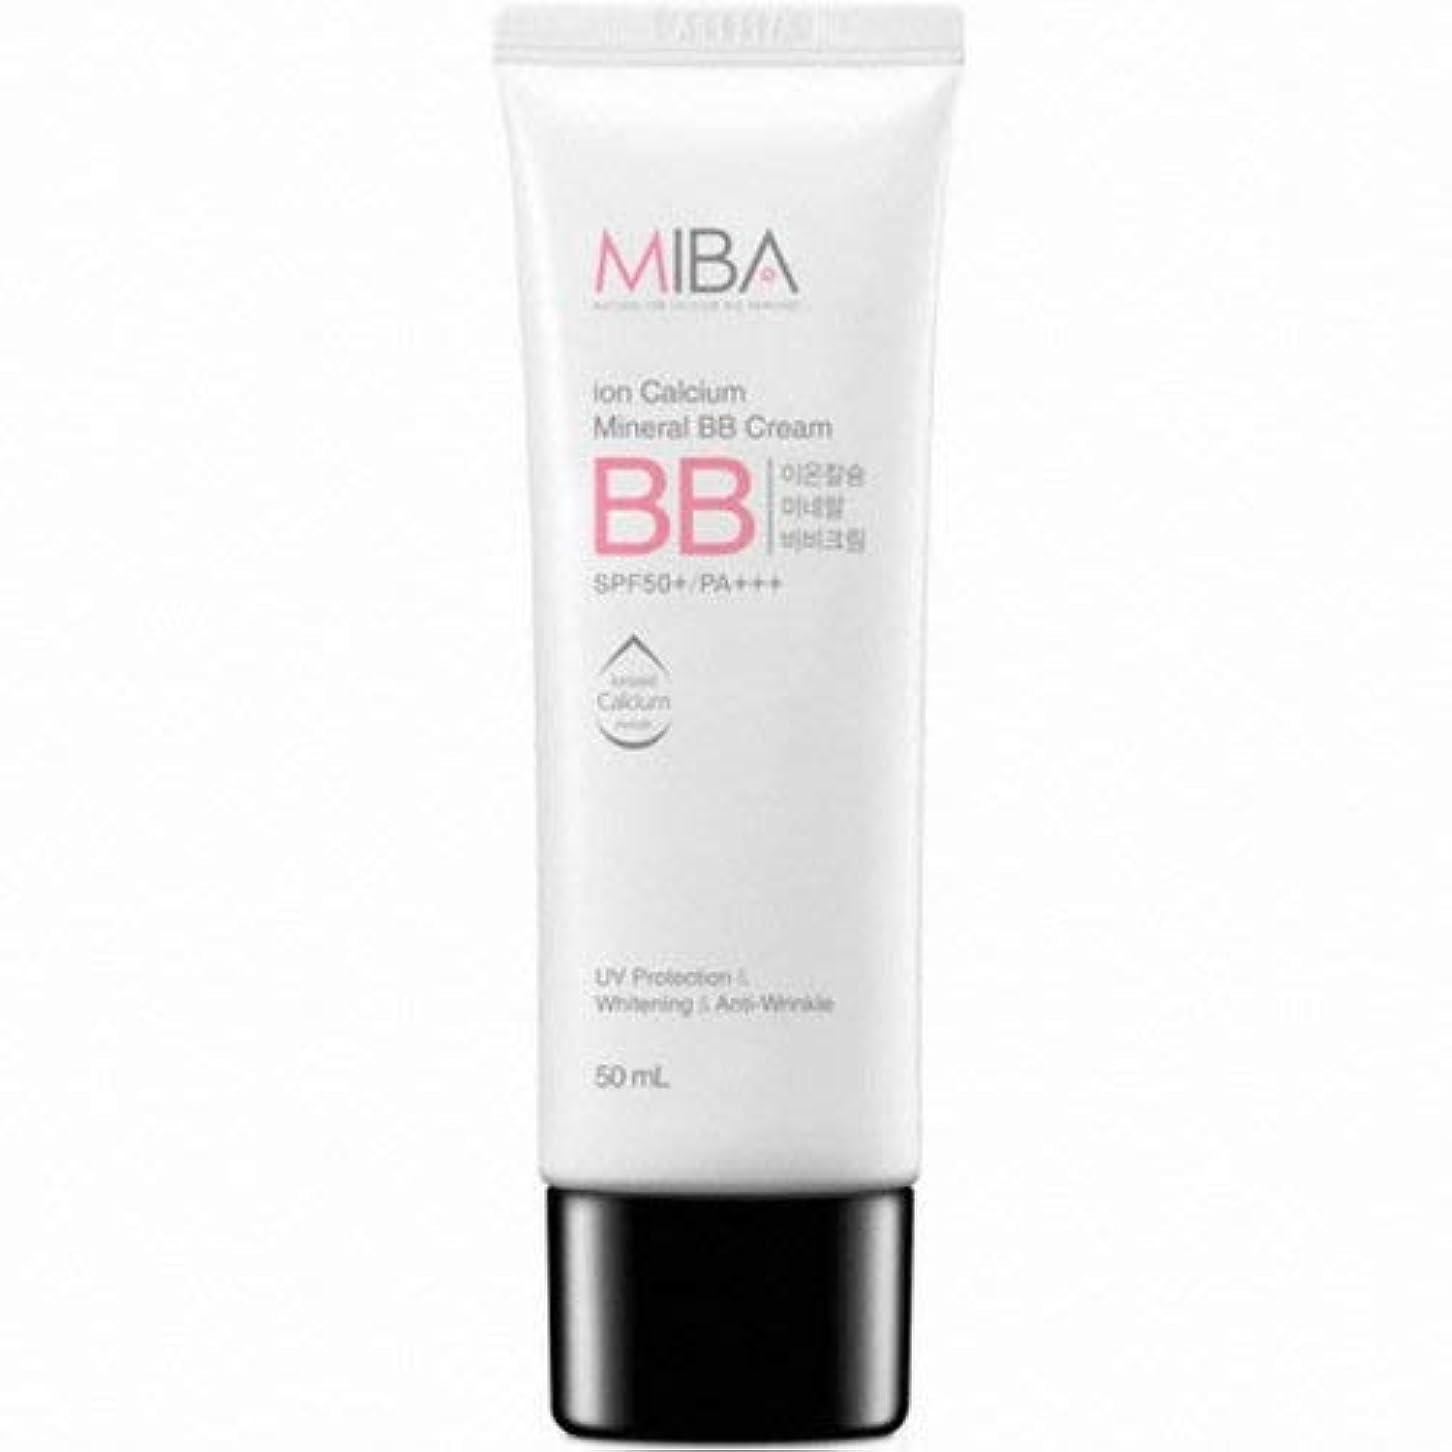 毎月雇用セッションMINERALBIO ミバ イオン カルシウム ミネラル ビビクリーム/MIBA Ion Calcium Mineral BB Cream (50ml) [並行輸入品]